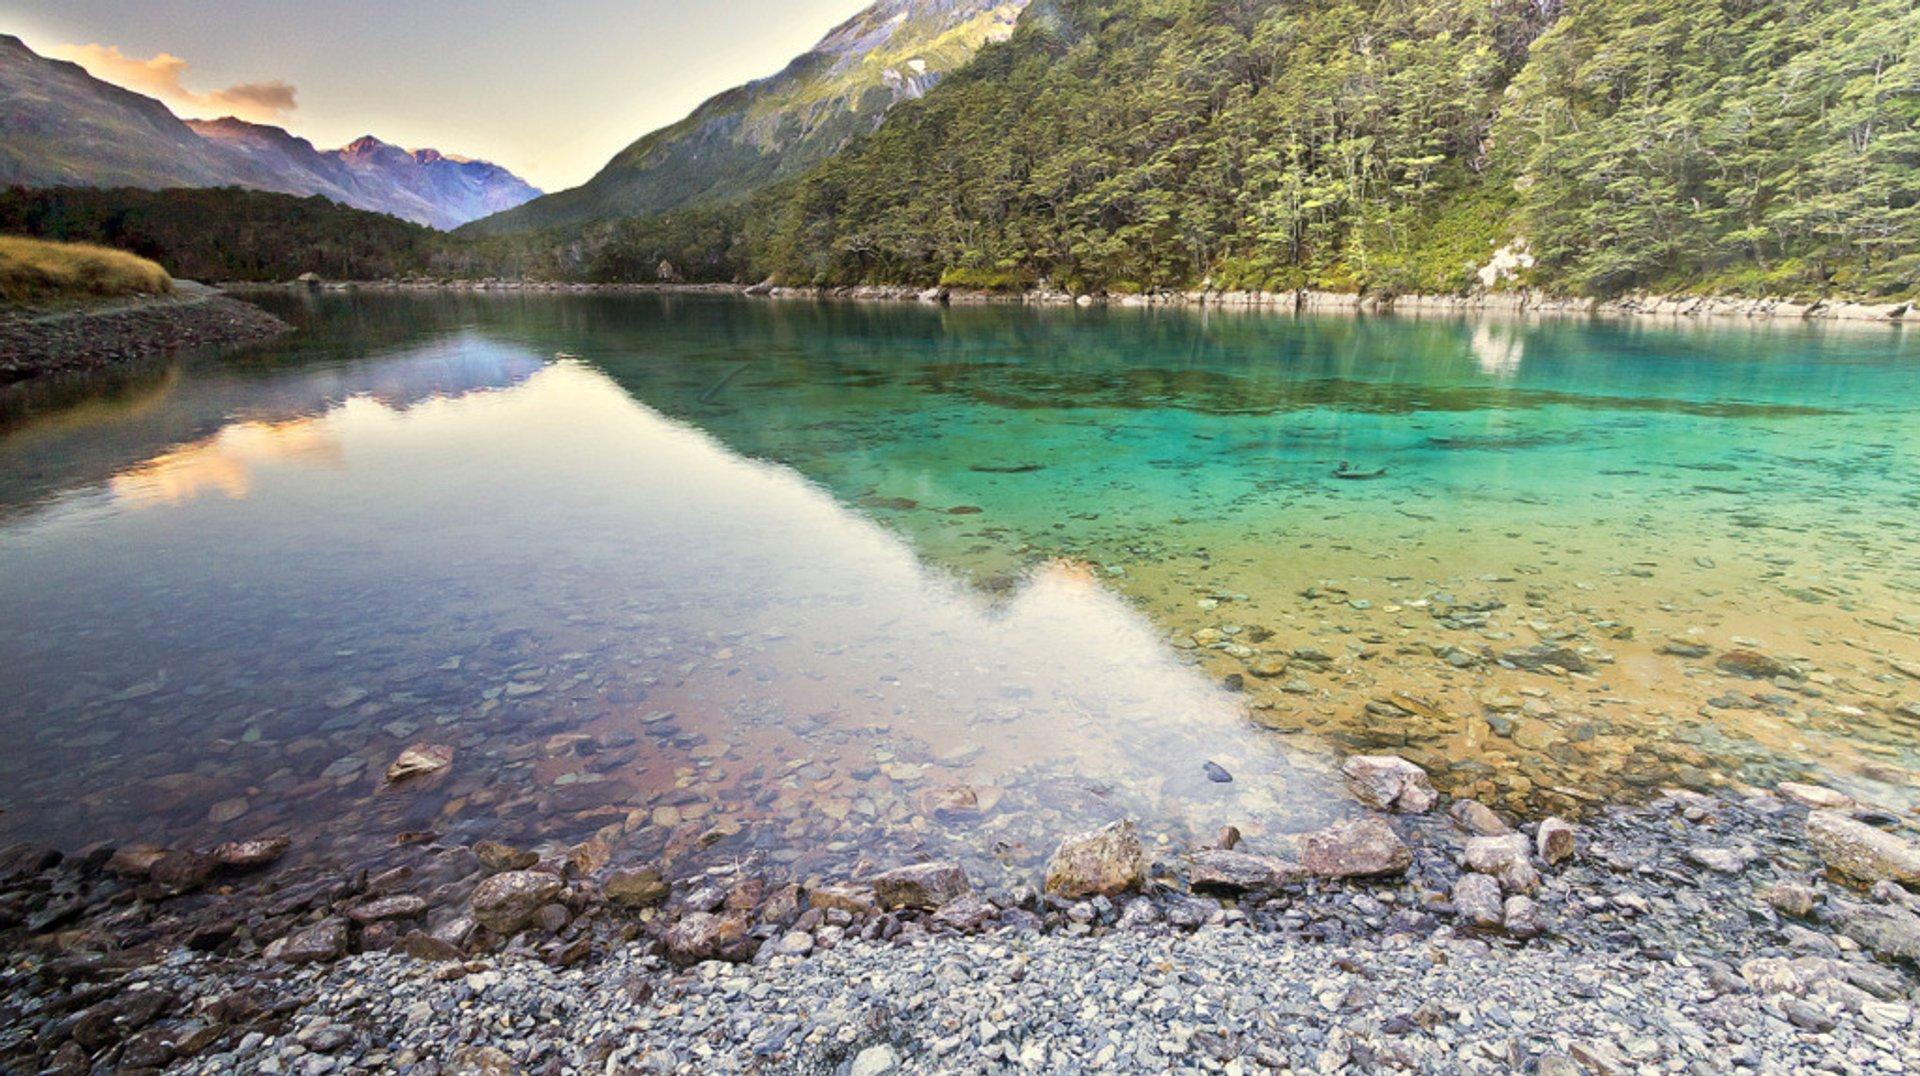 Blue Lake in New Zealand - Best Season